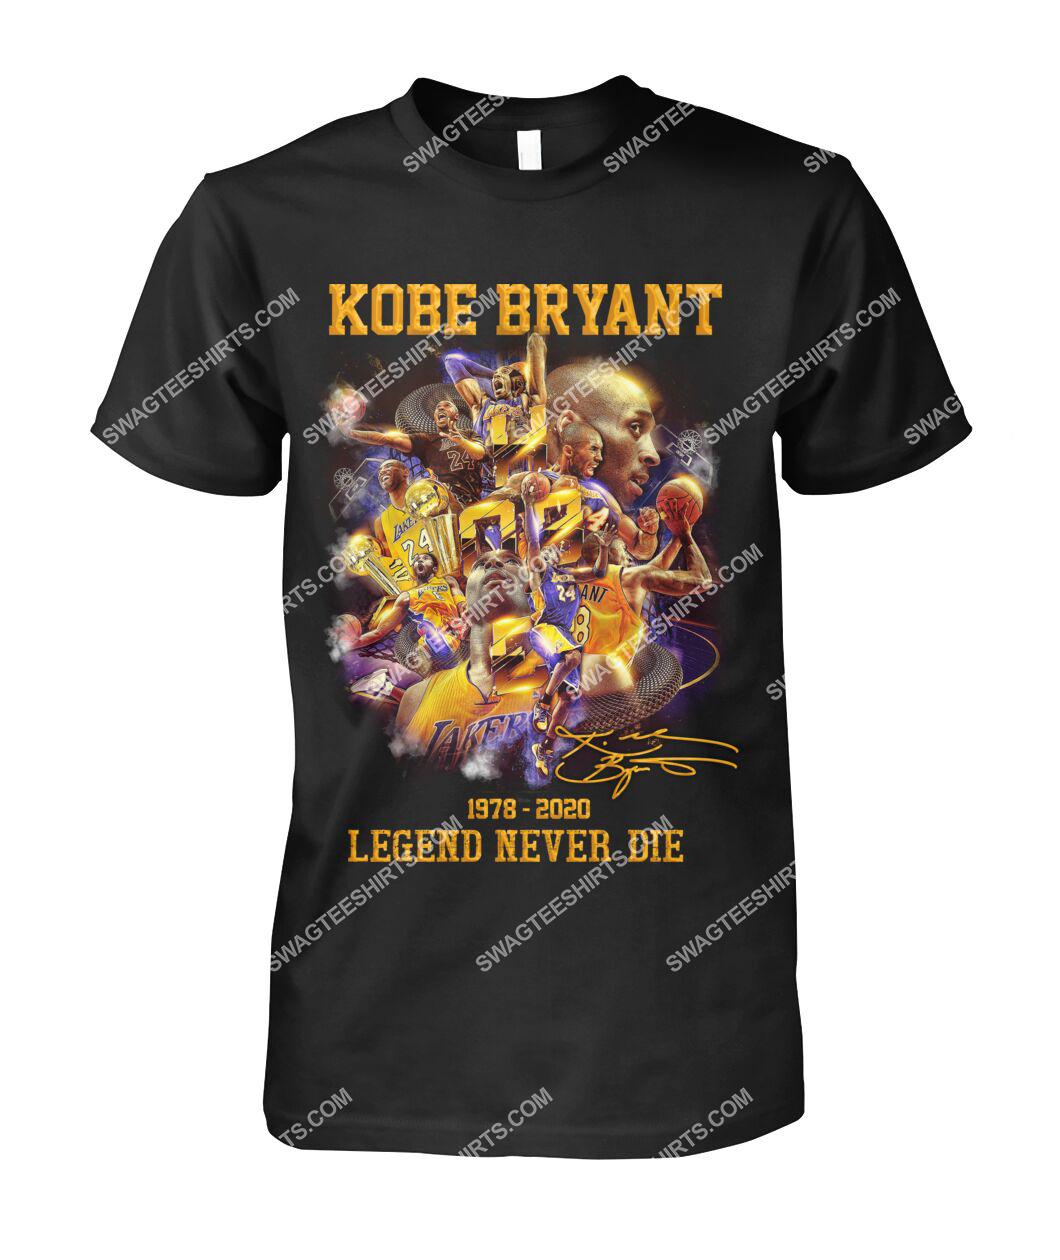 nba kobe bryant legends never die tshirt 1